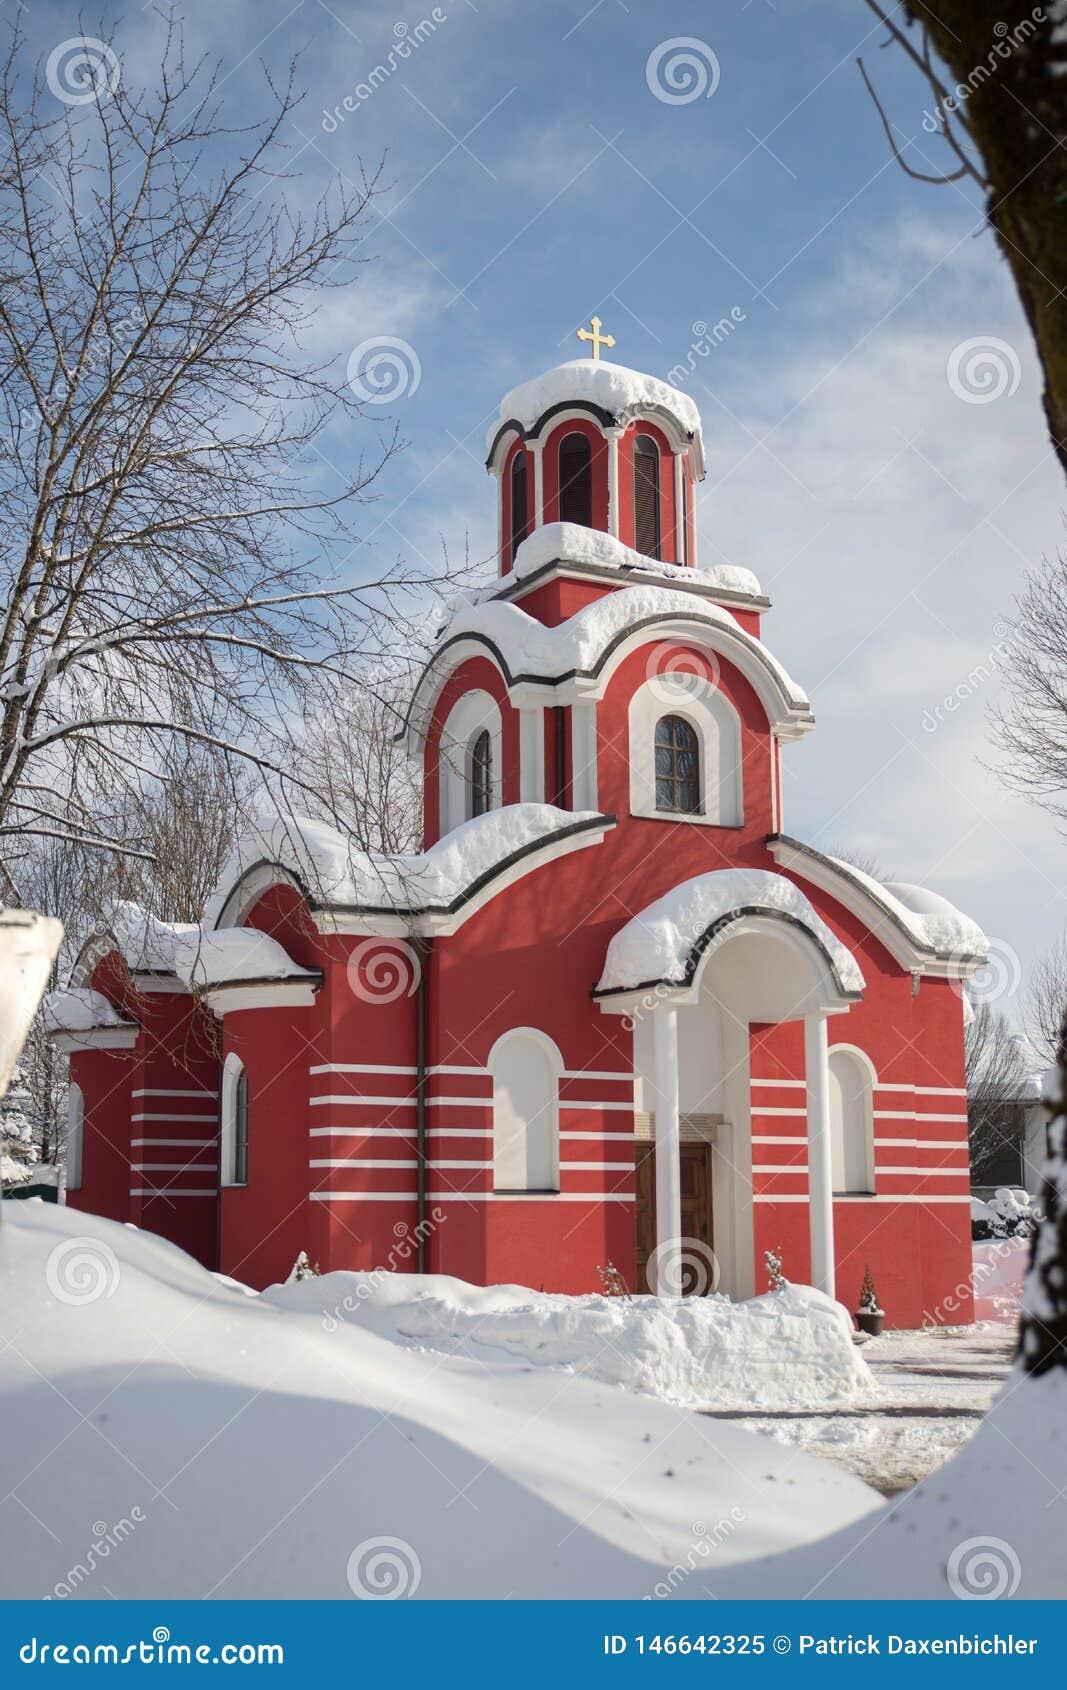 Röd kristen kyrka i vintern, snö på taket